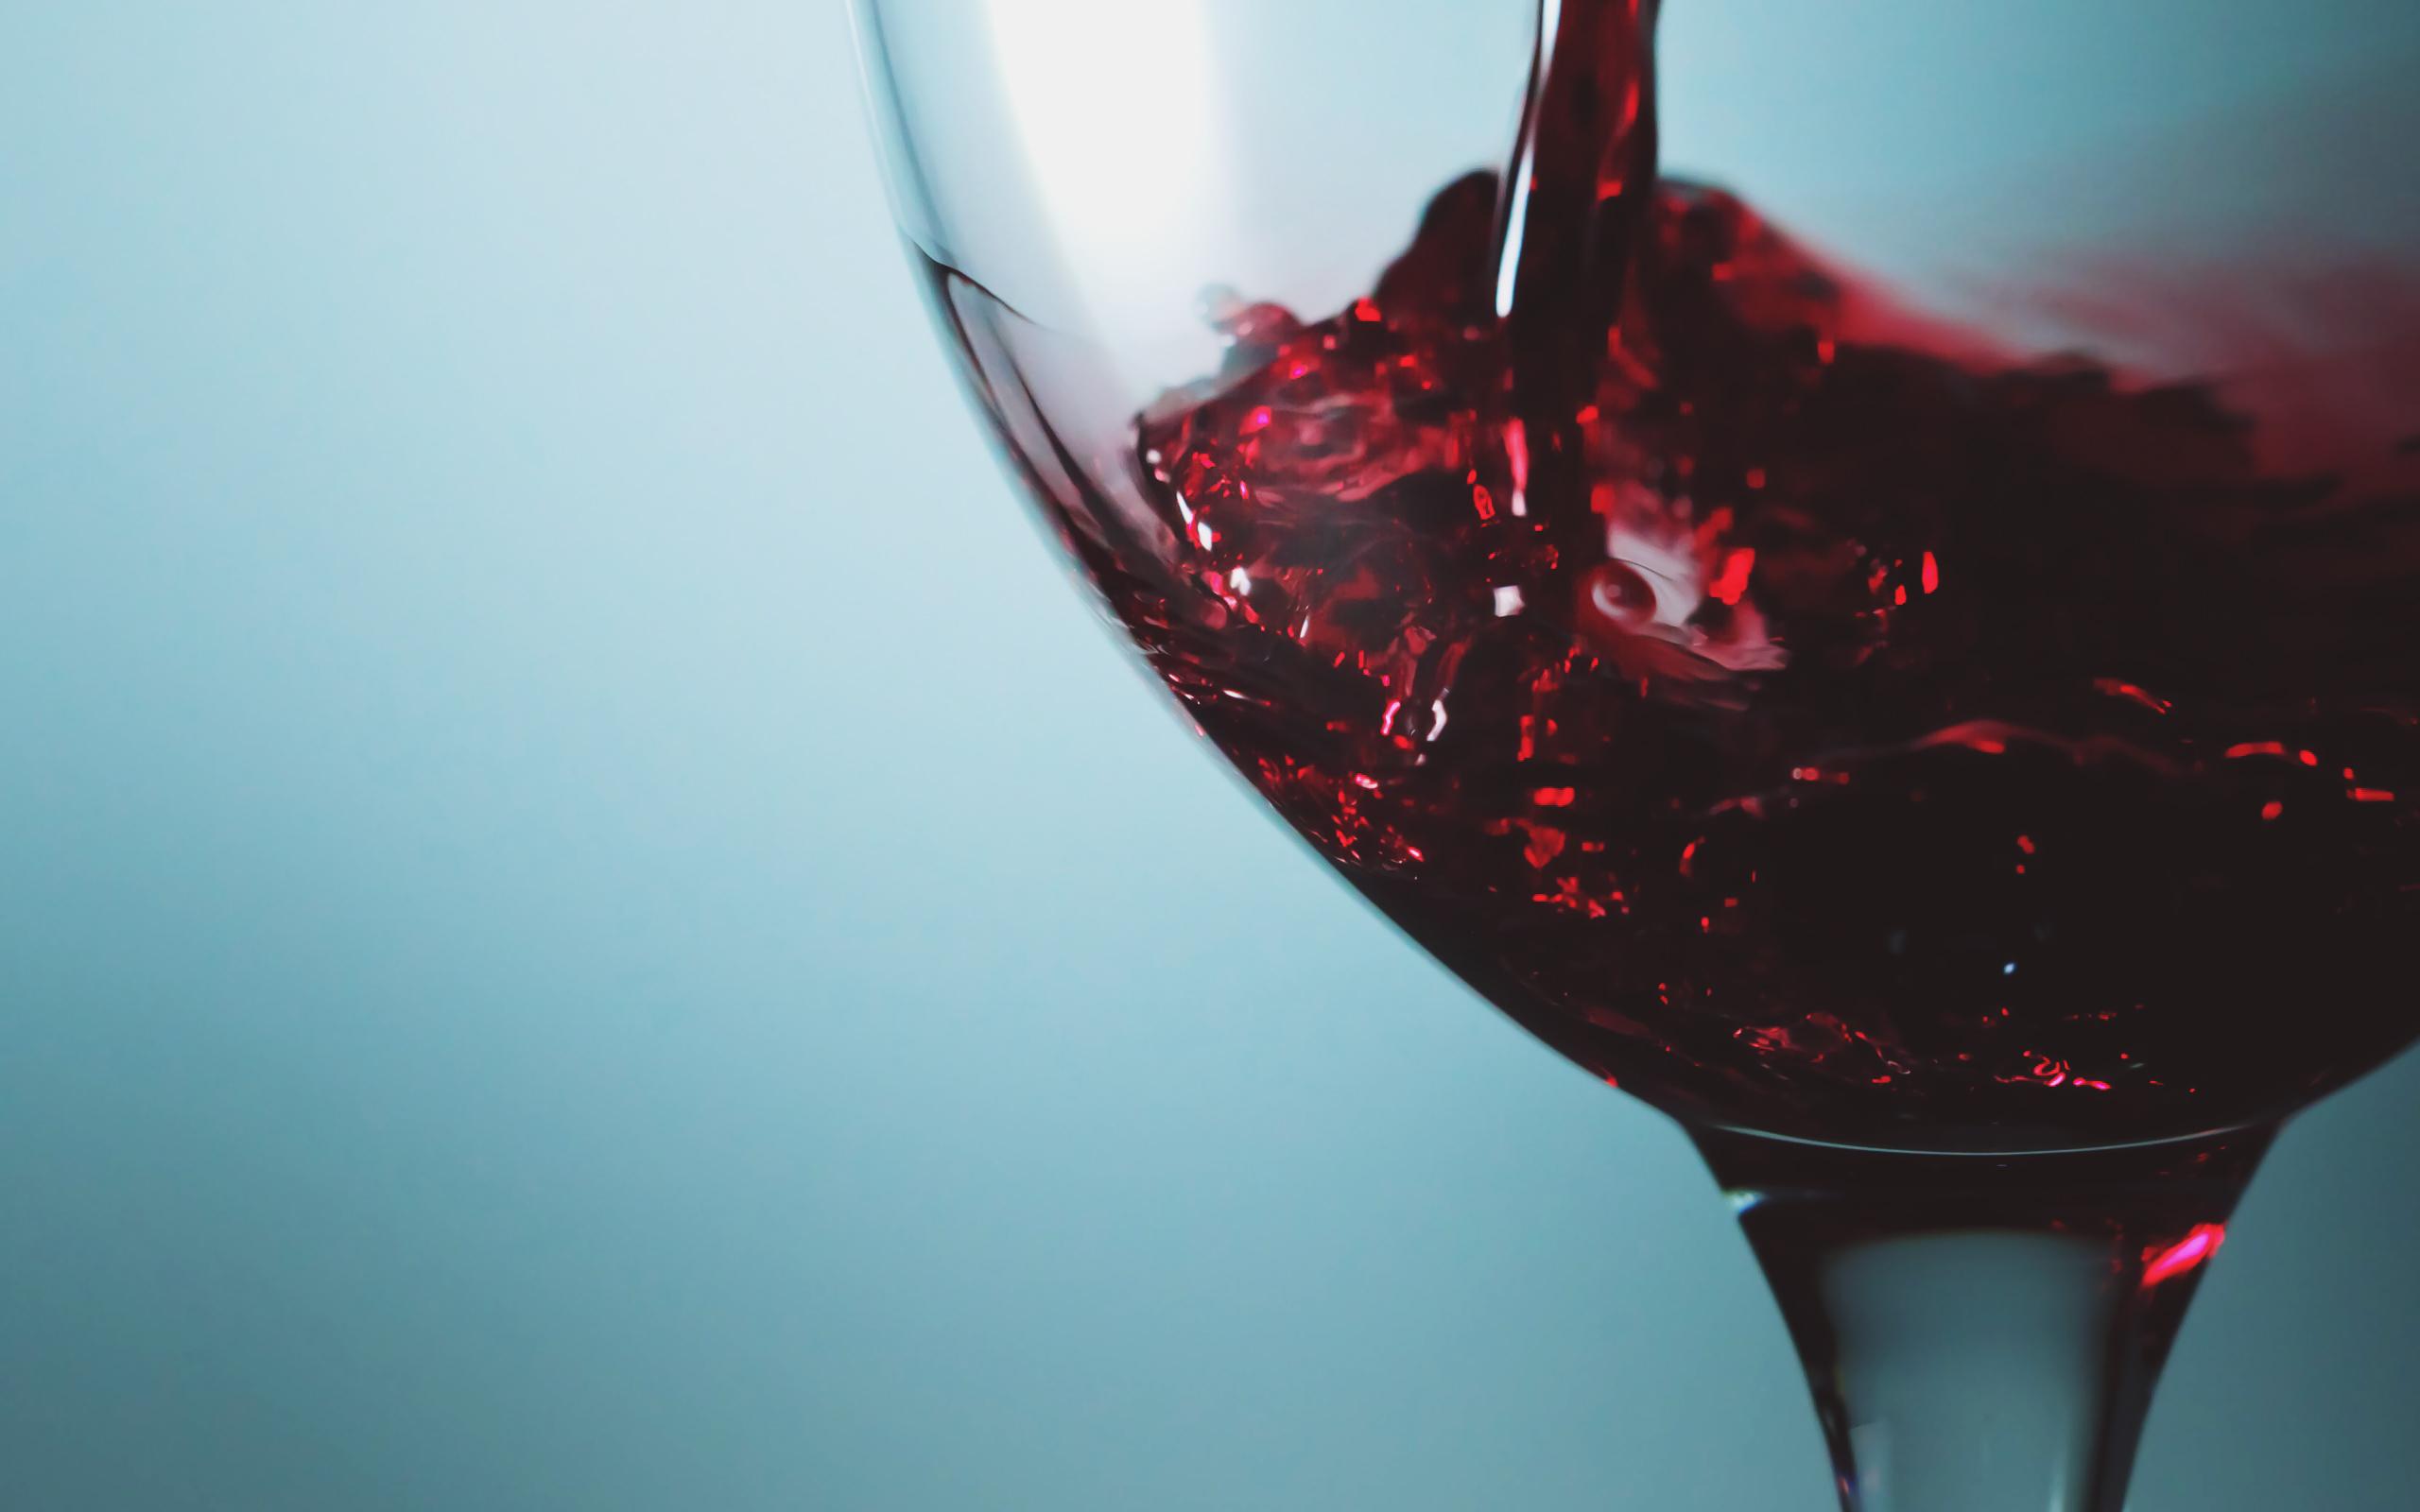 вино, бокал, голубой